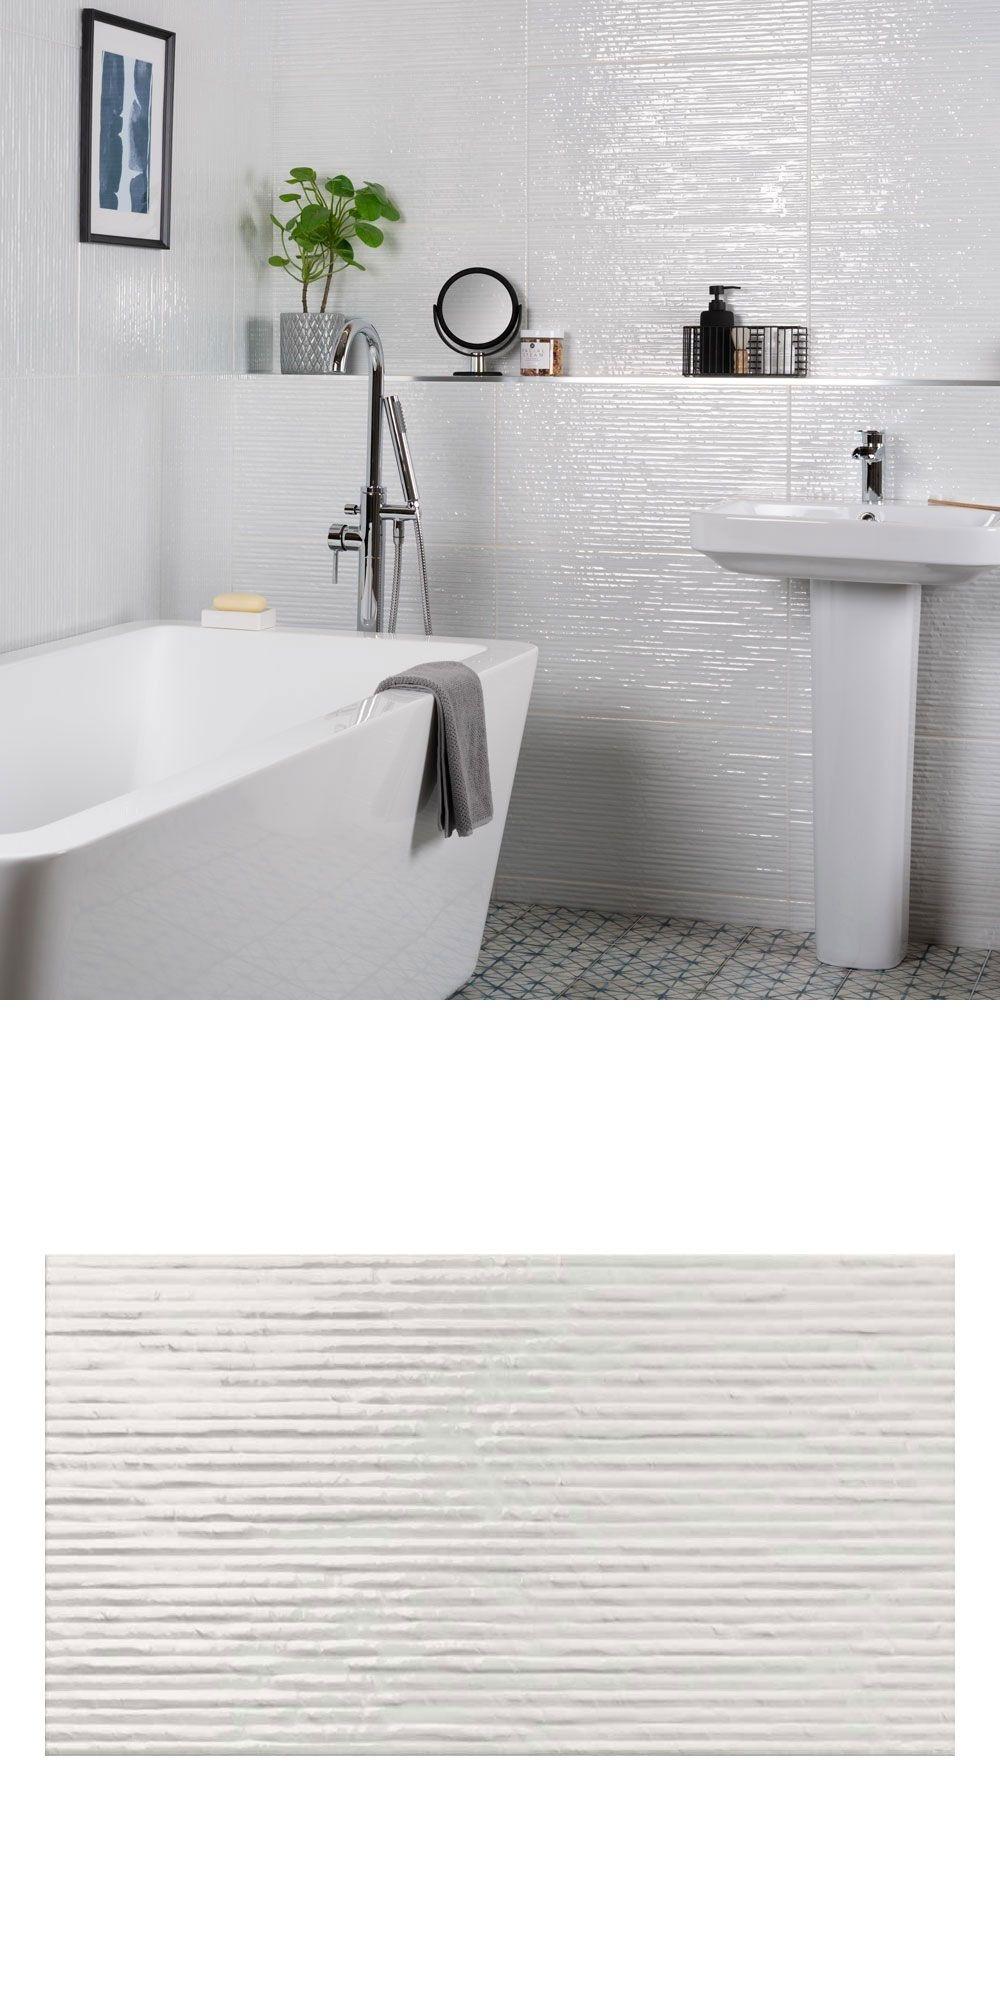 Cheviot Chalk Textured Wall Tiles Wall Tiles Tiles White Tiles